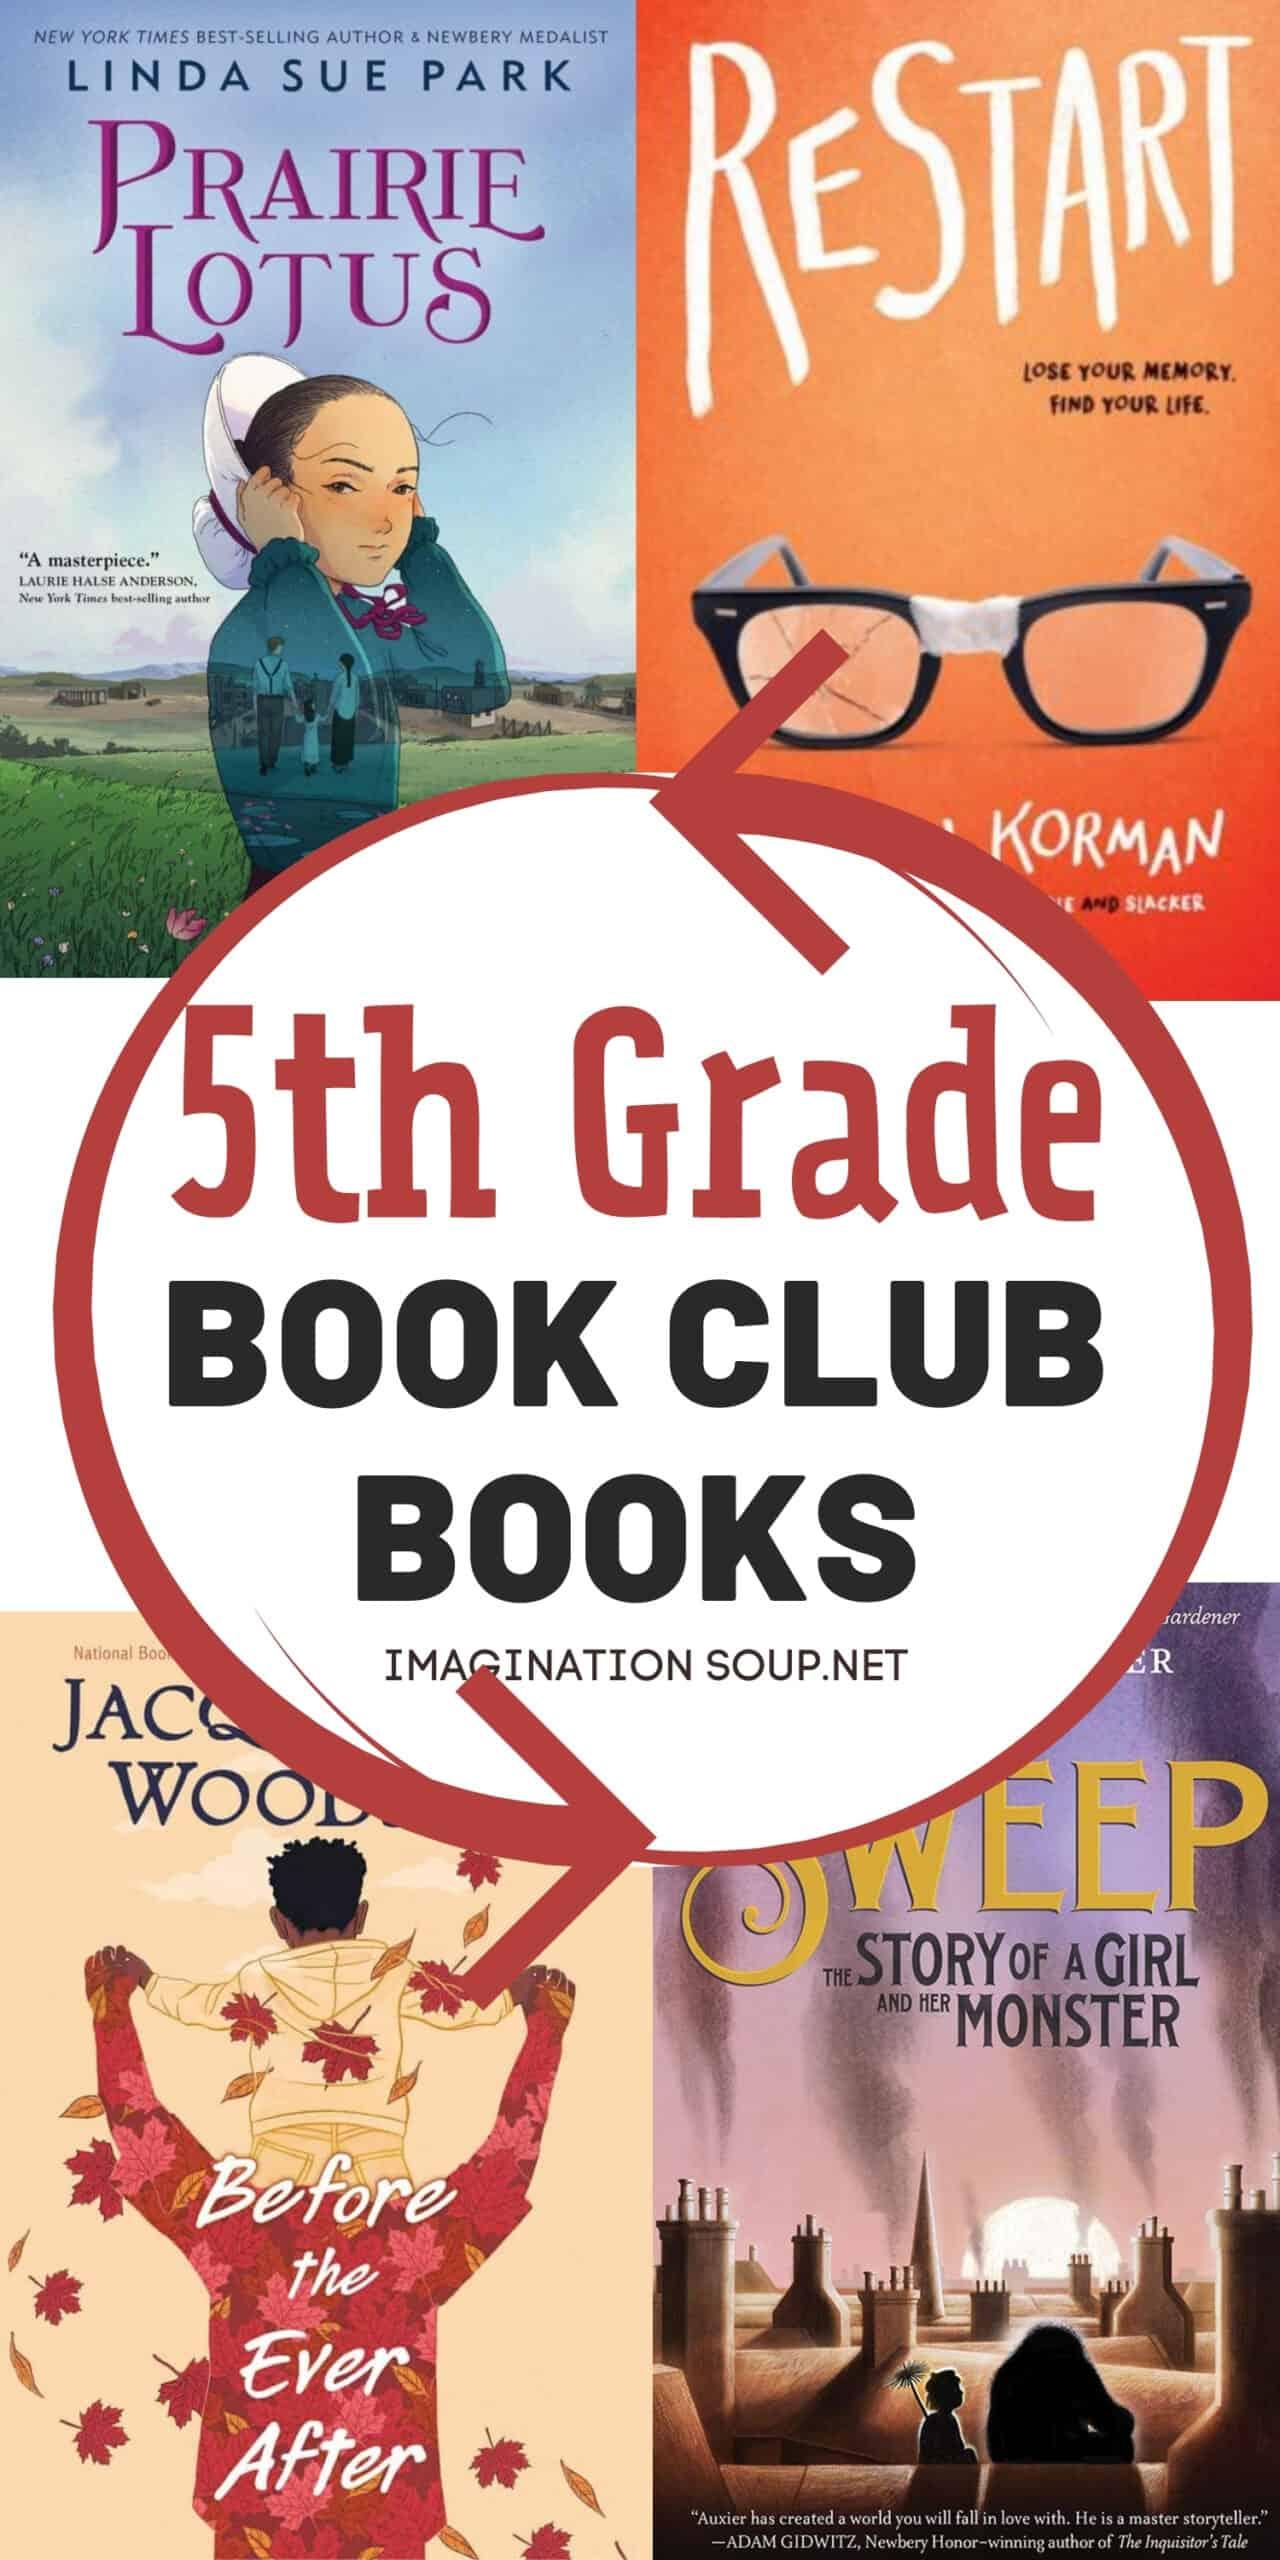 5th grade book club books